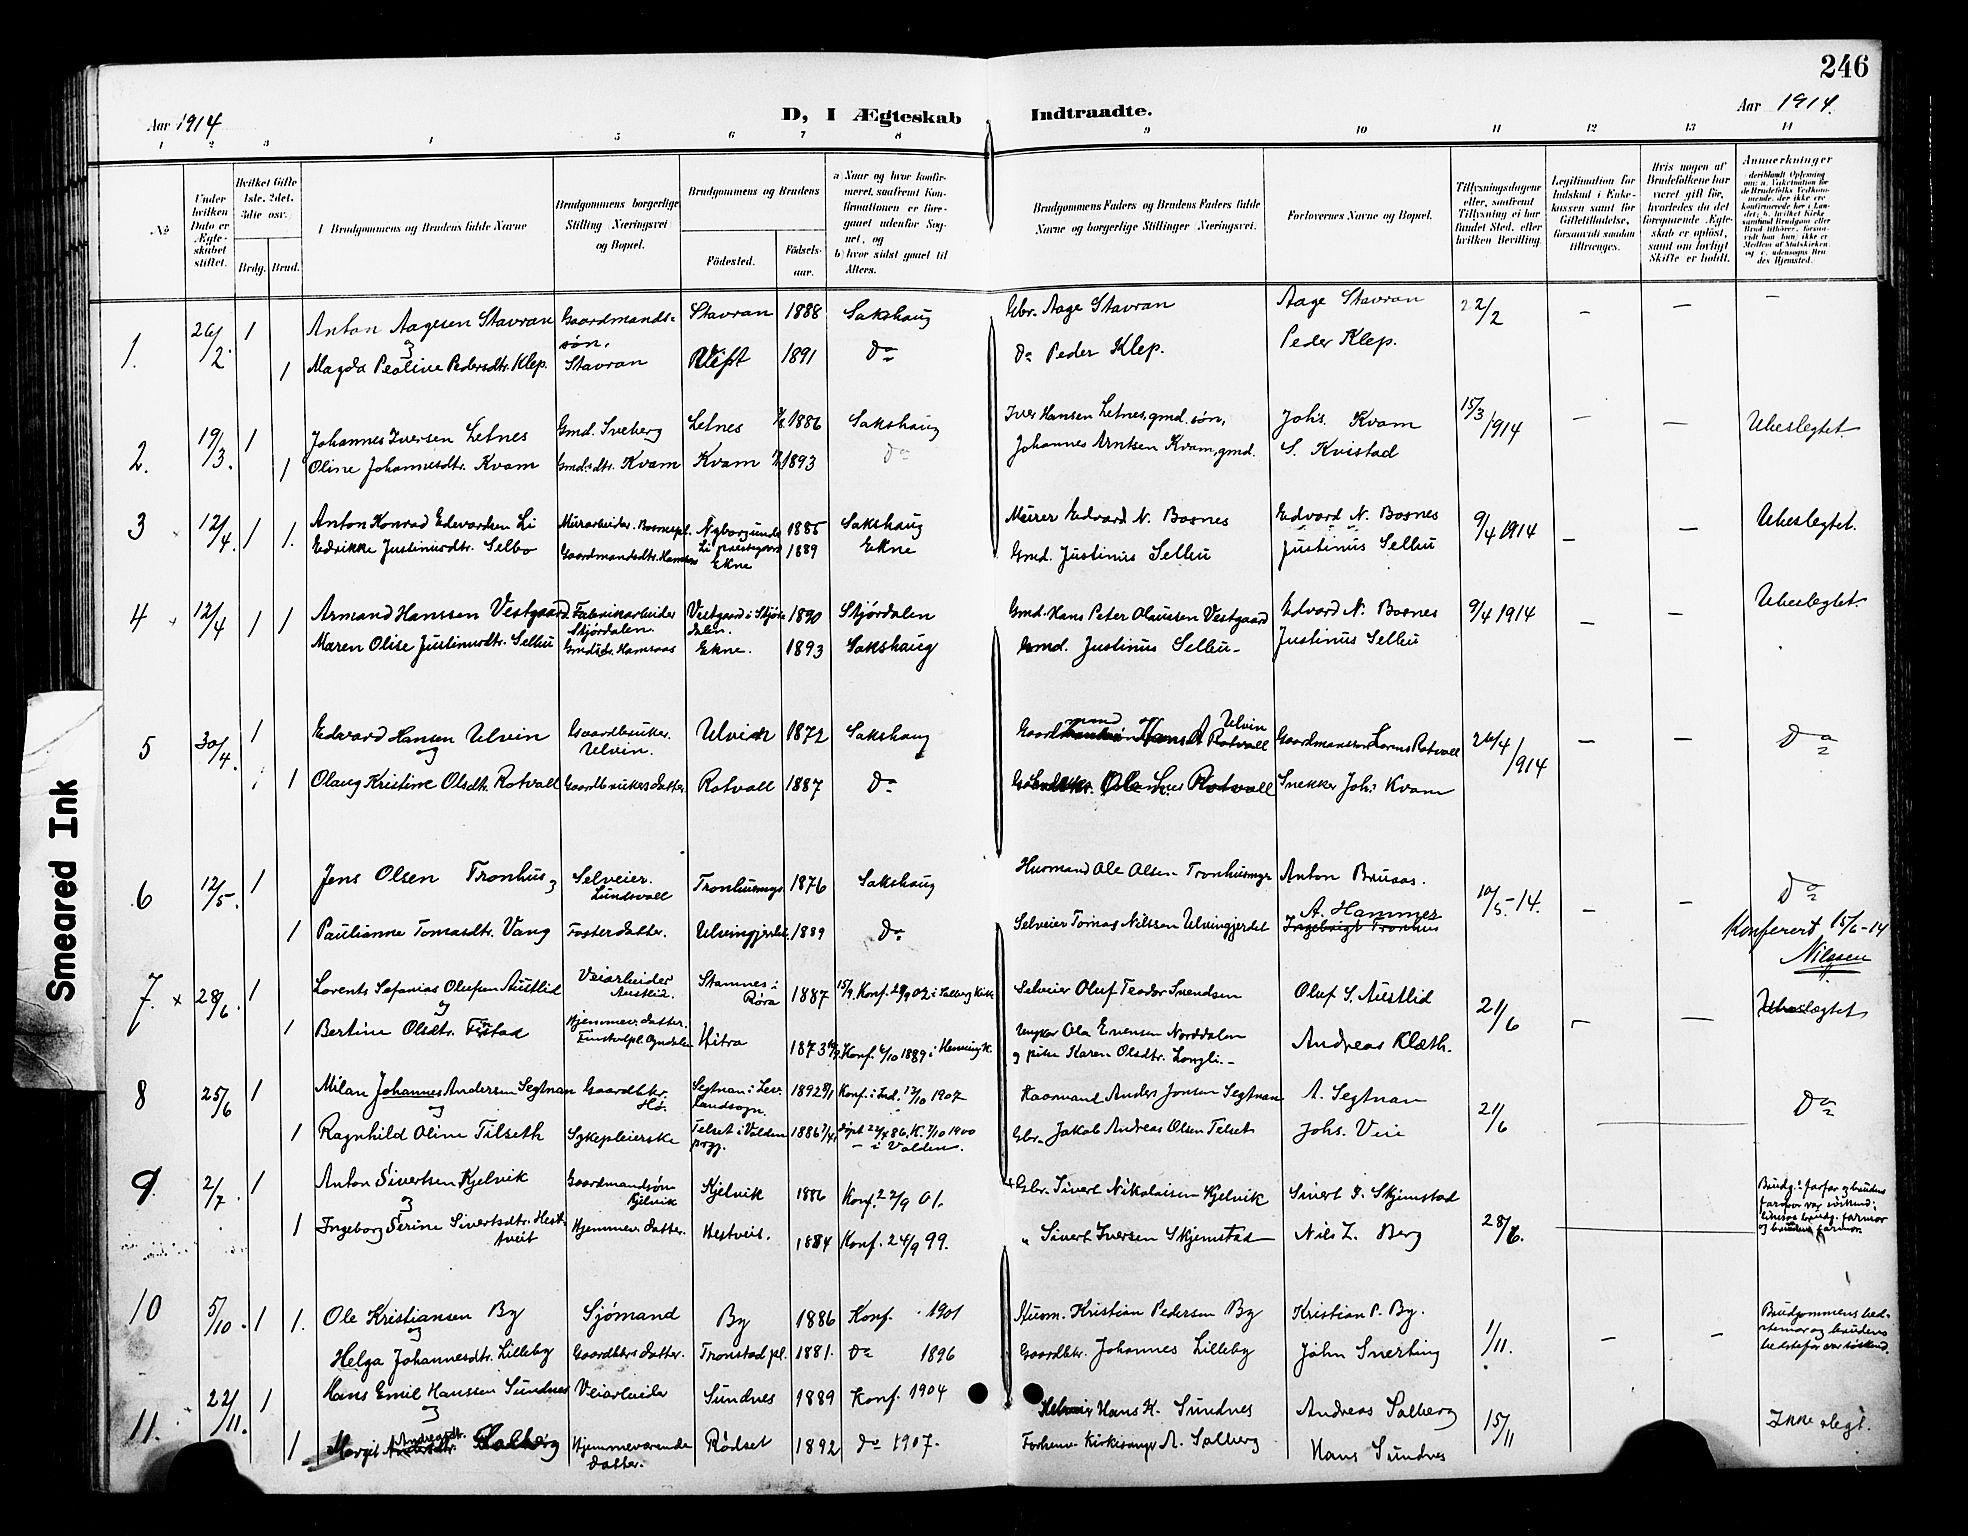 SAT, Ministerialprotokoller, klokkerbøker og fødselsregistre - Nord-Trøndelag, 730/L0302: Klokkerbok nr. 730C05, 1898-1924, s. 246